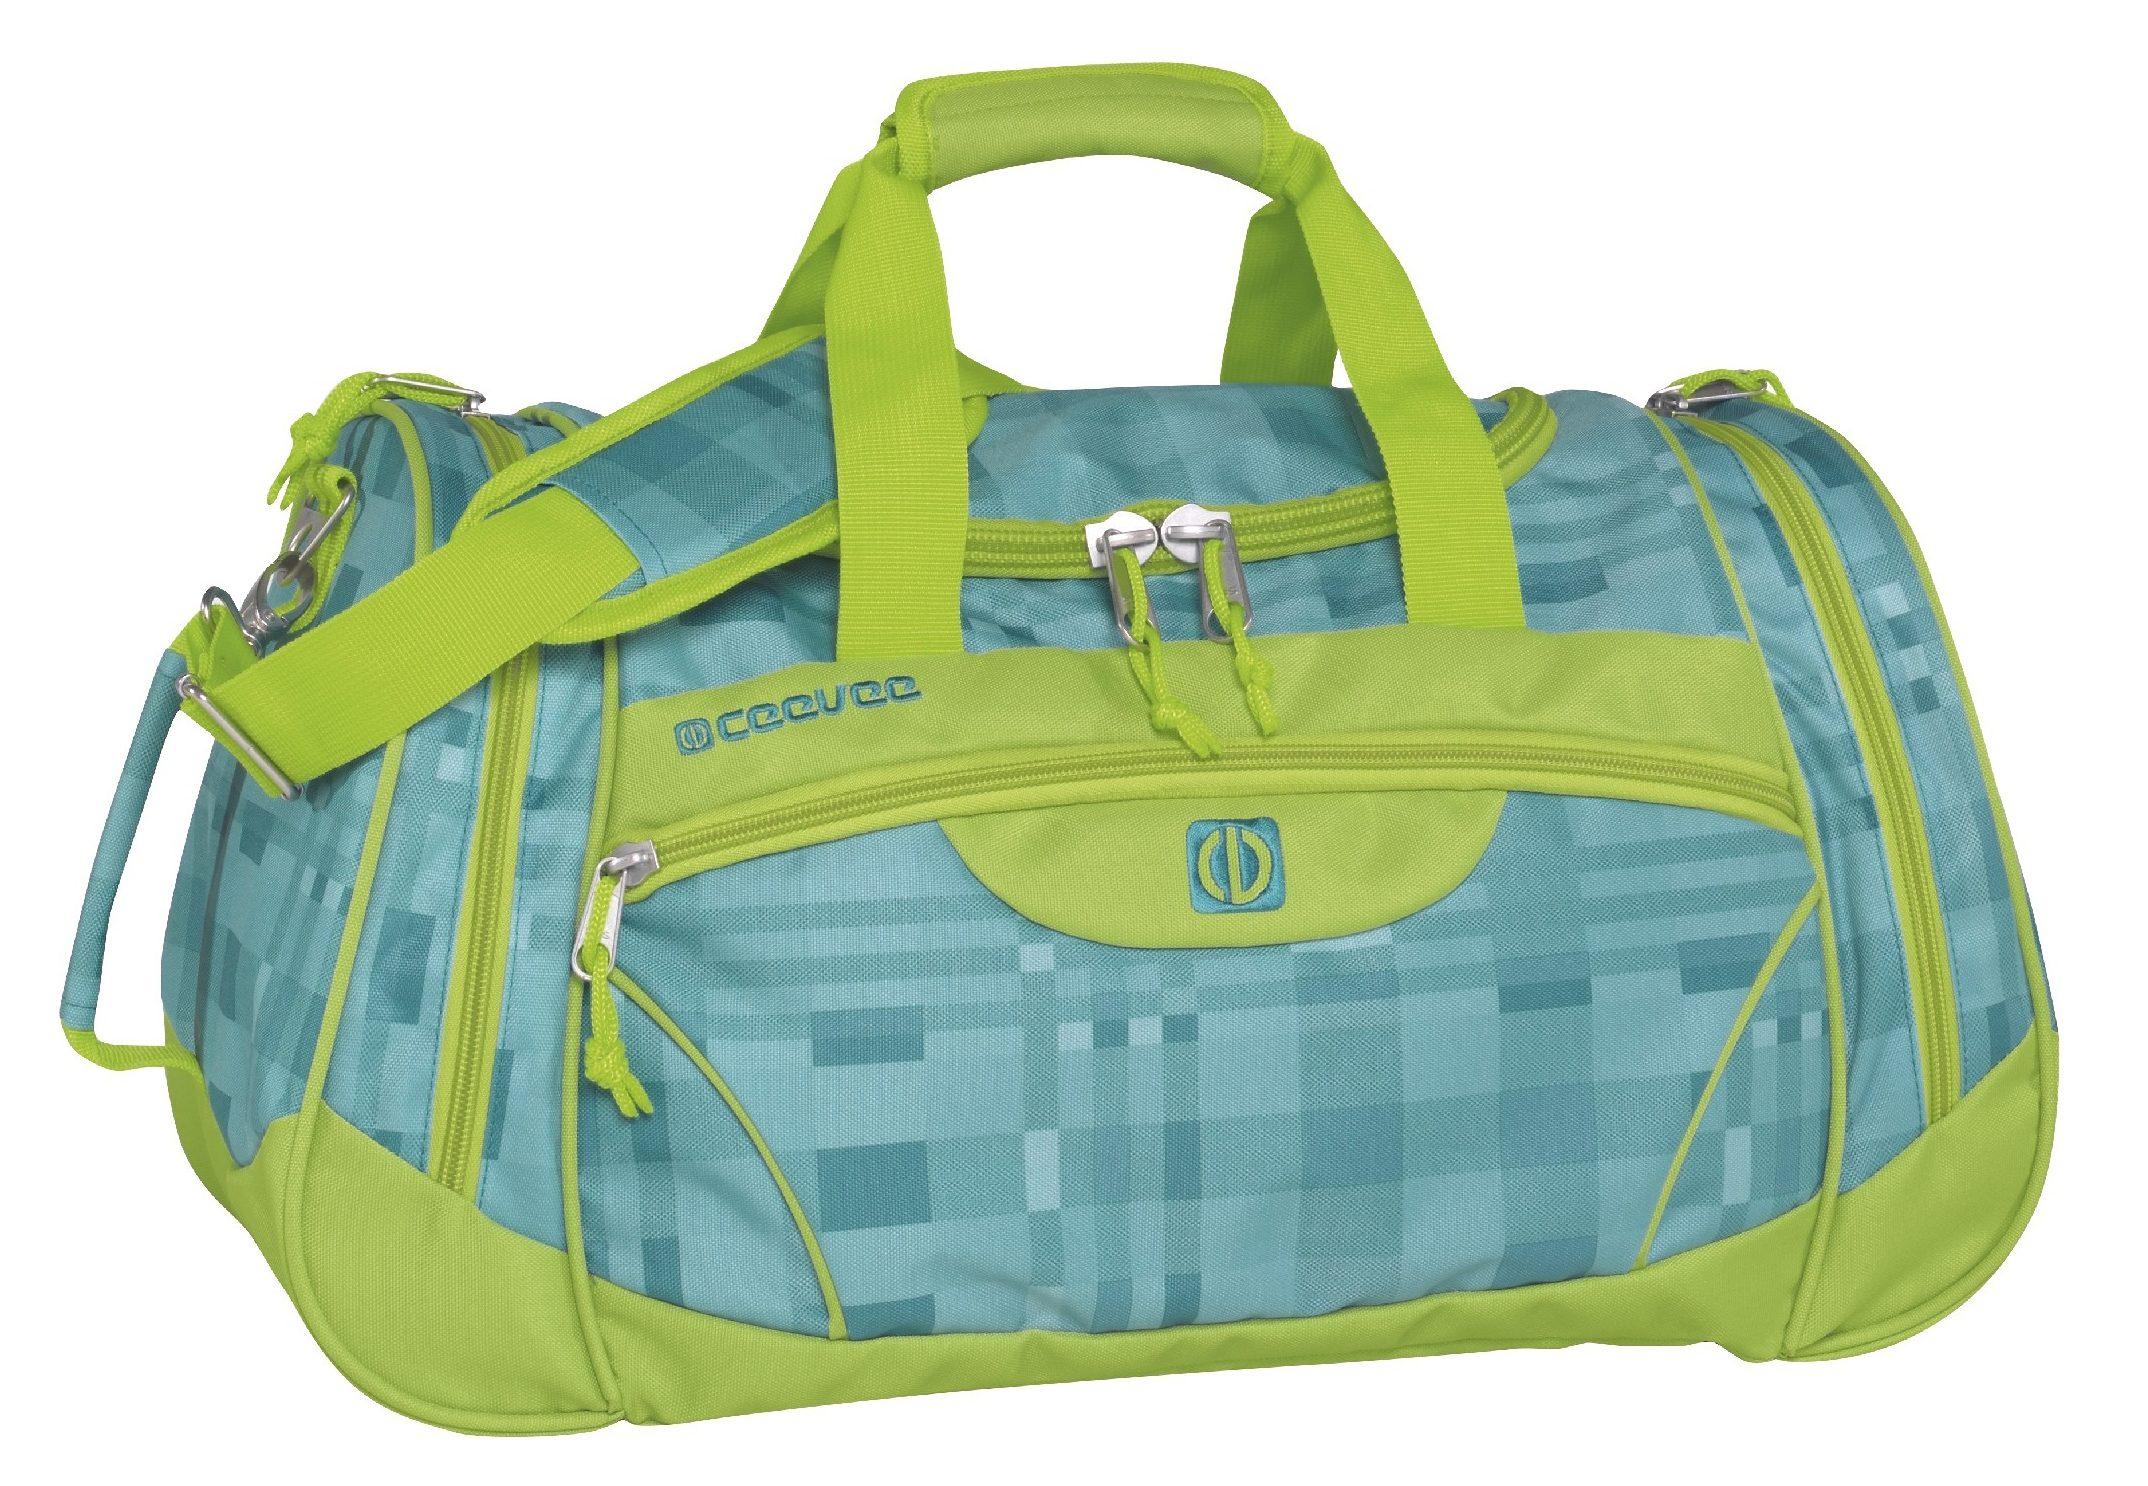 ceevee® Freizeit- und Reisetasche, »York, türkis/grün«